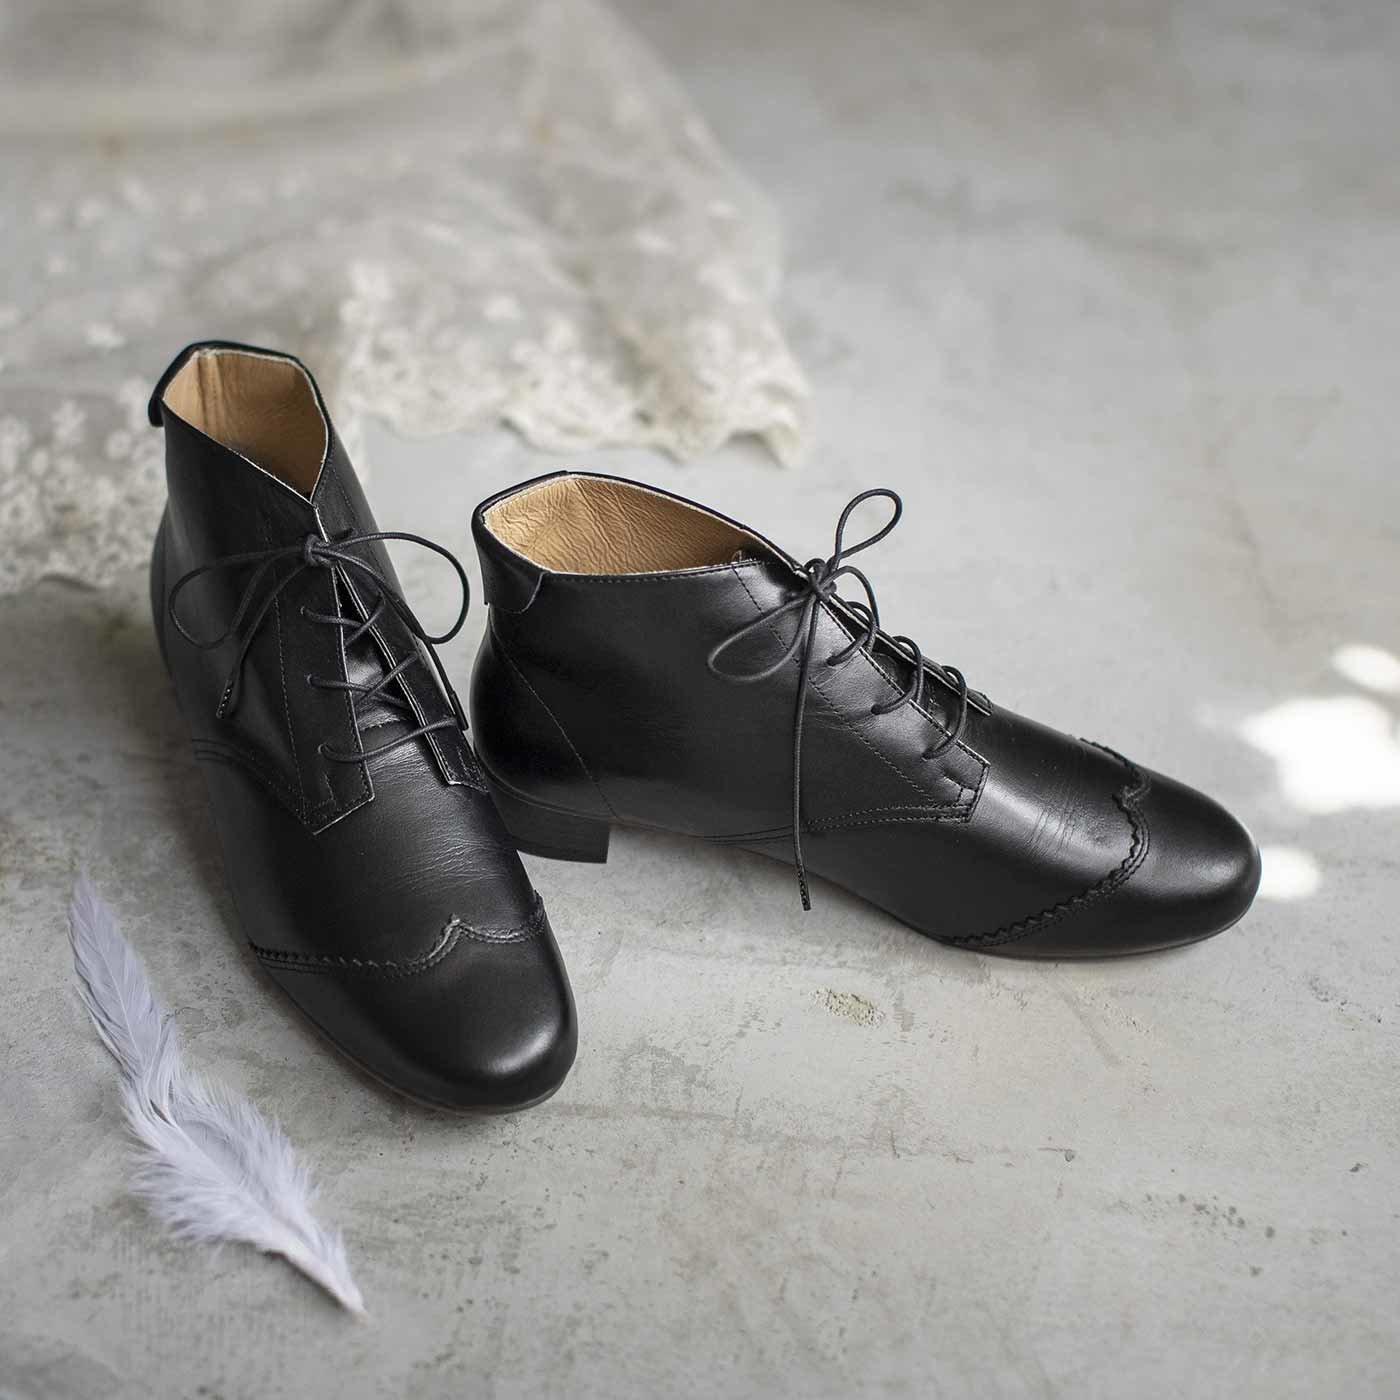 長田靴職人の本革仕立て 華麗なスワンブーツ〈クラシックブラック〉[本革 ブーツ:日本製]